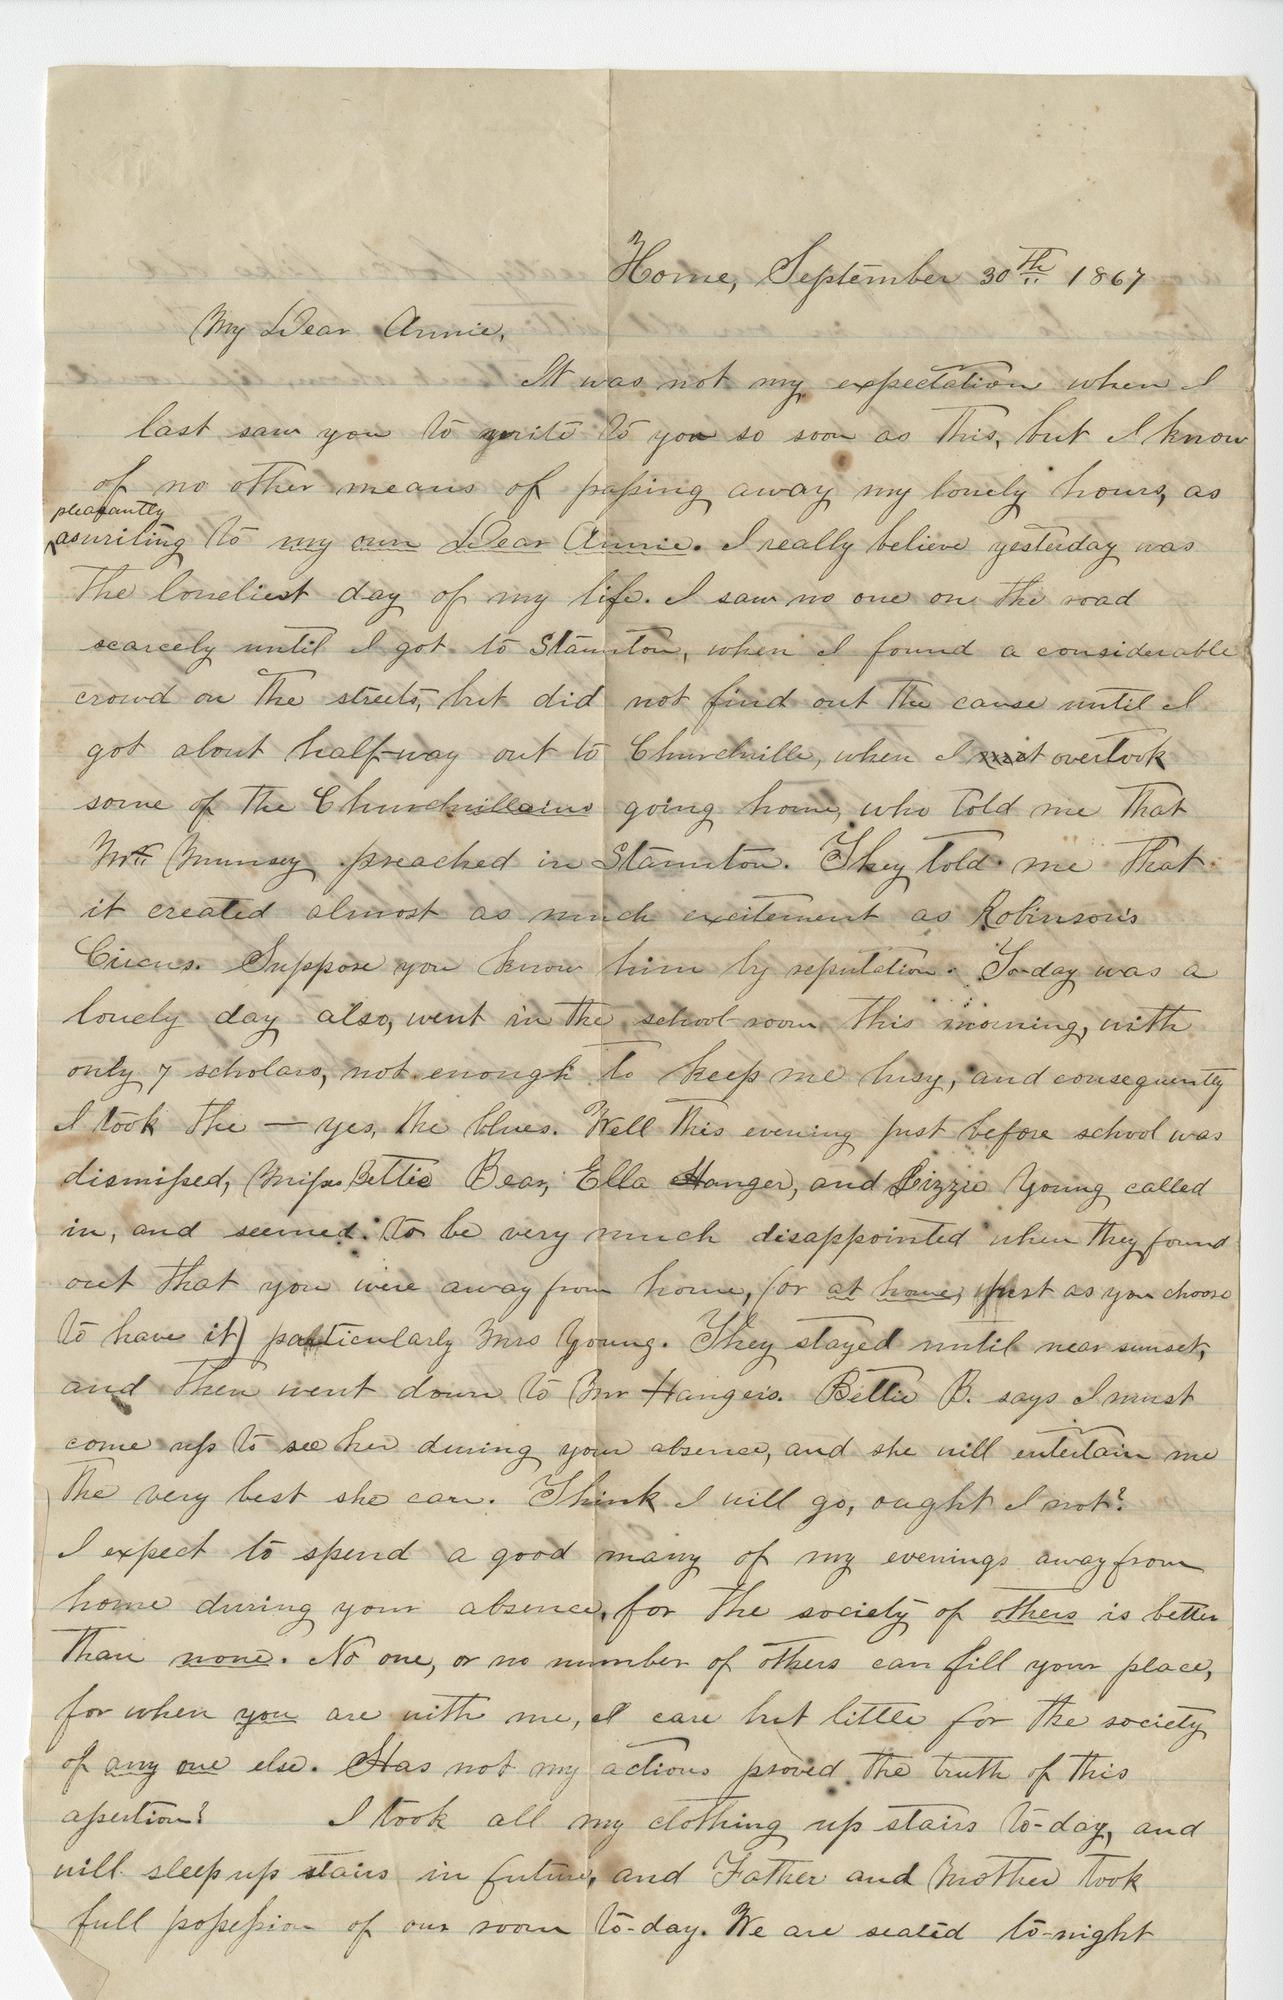 Ms2016-013_HeizerJames_Letter_1867_0930a.jpg